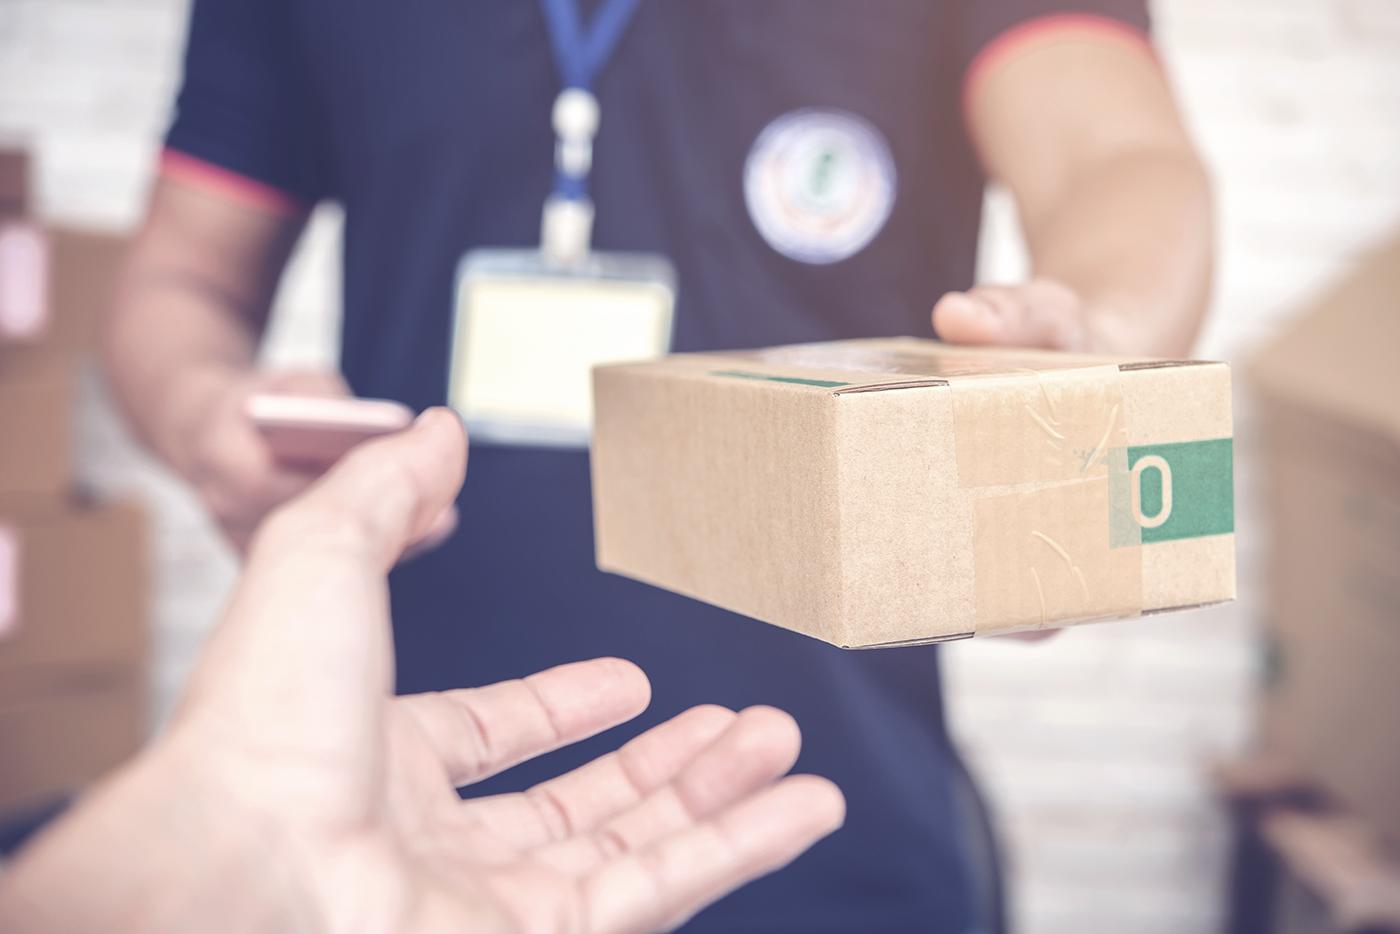 Otimize a entrega em domicílio do seu negócio